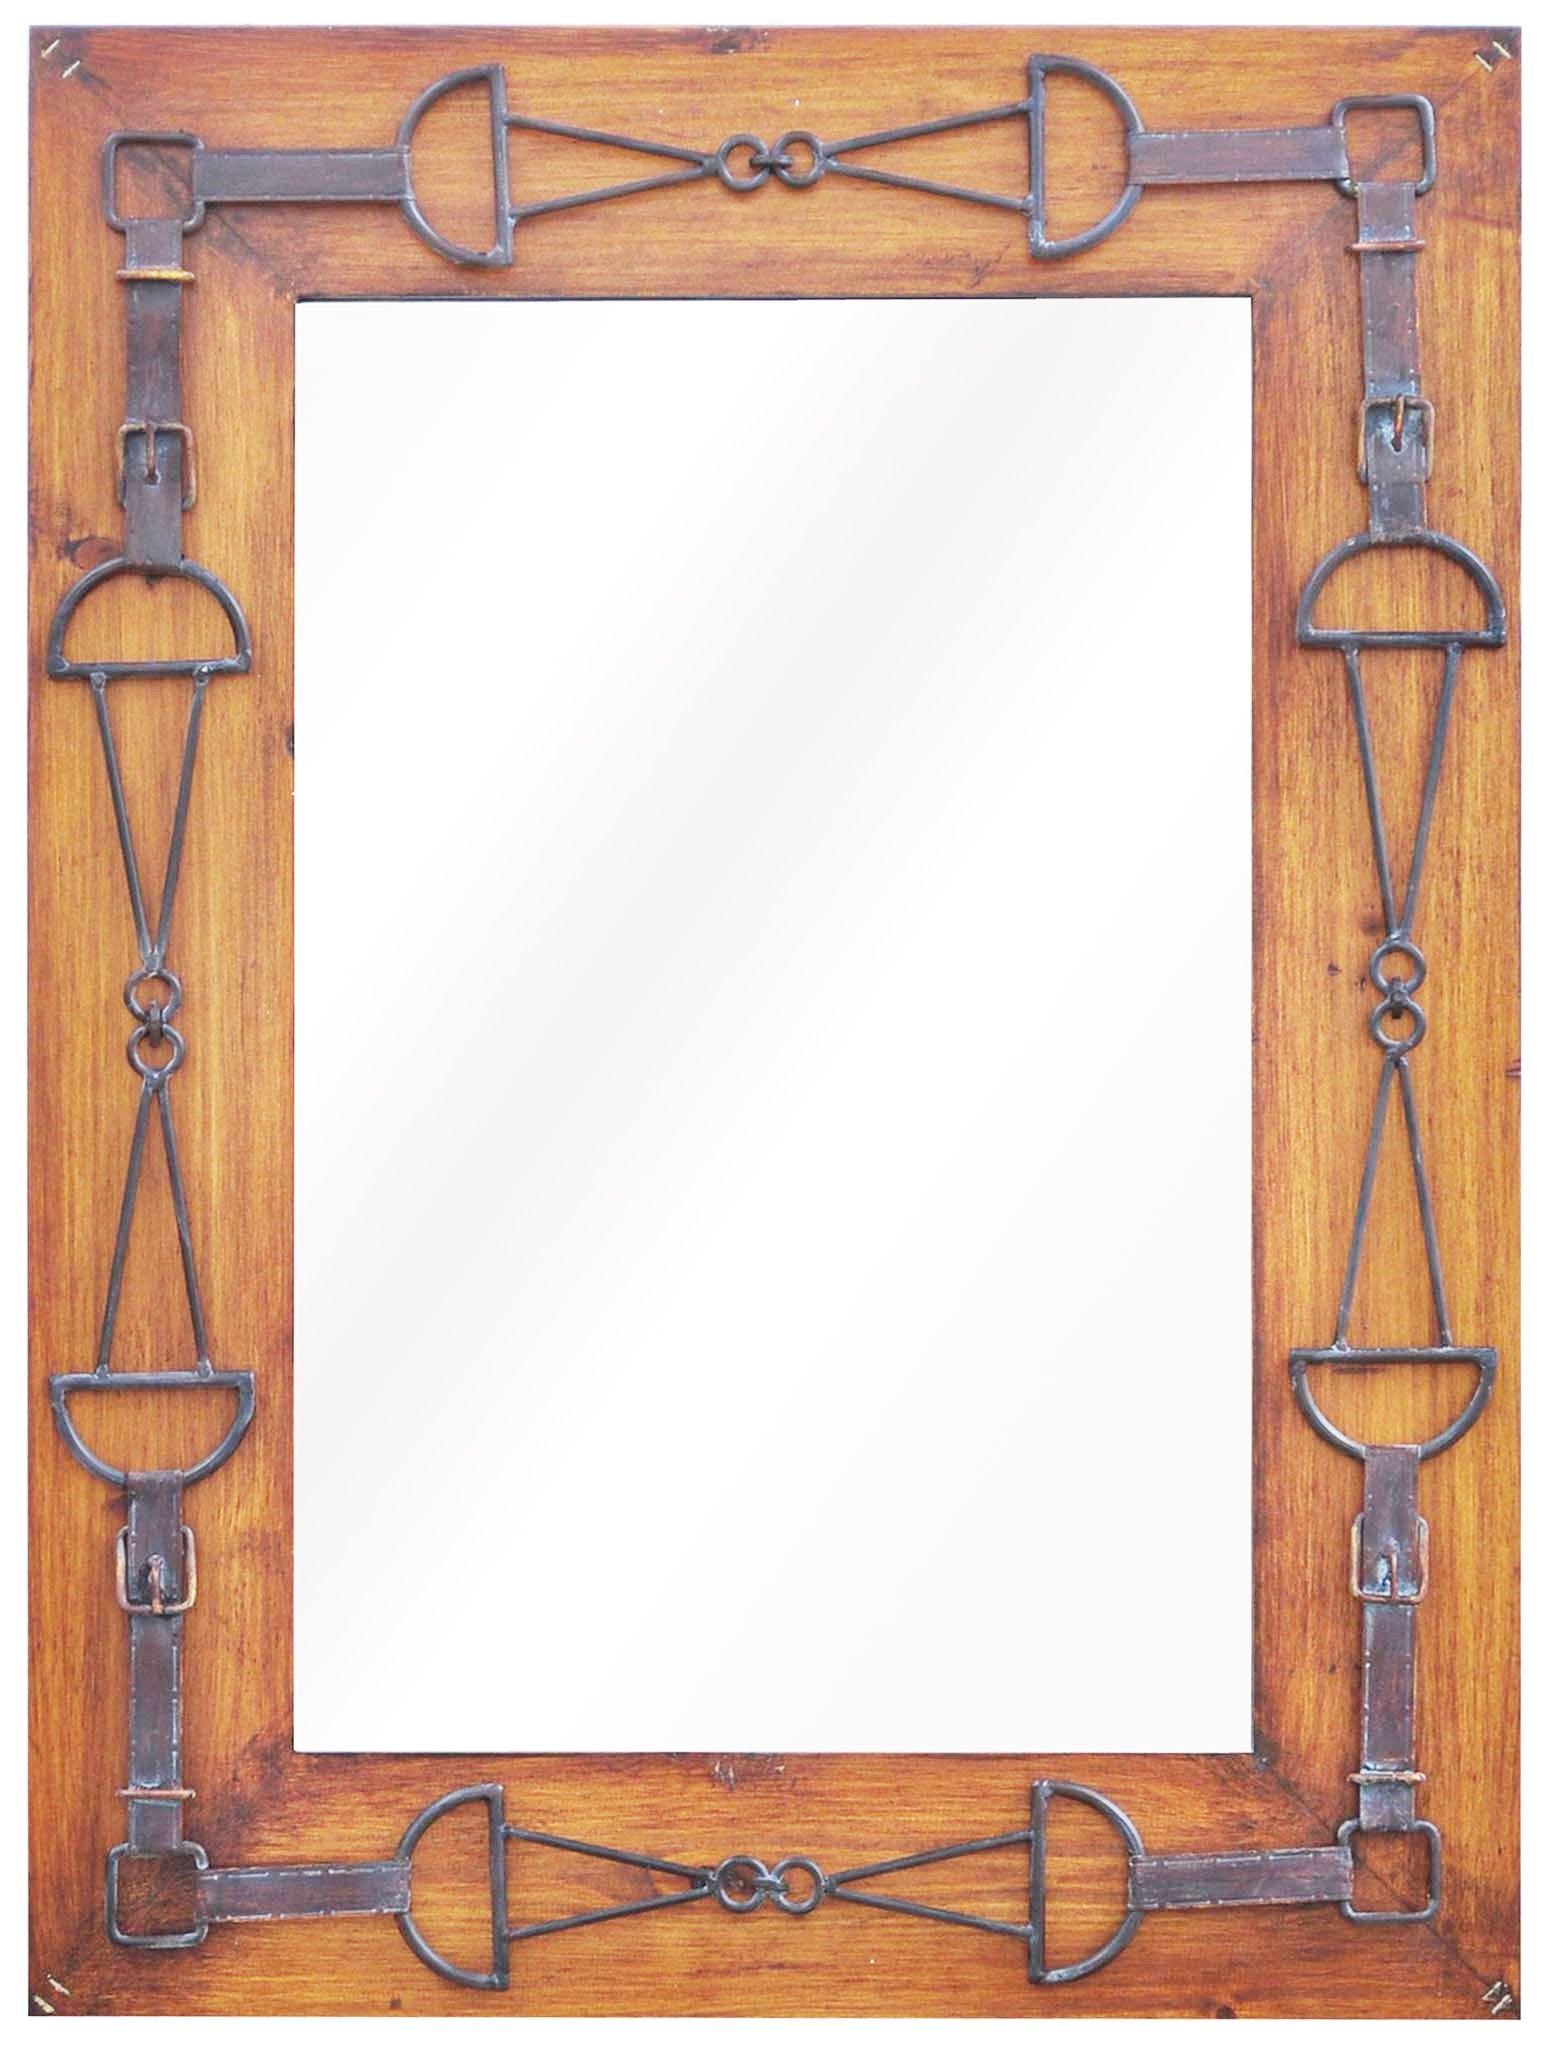 Rustic Wall Mirror w/ Wood Frame - Your Western Decor   Bathroom ...